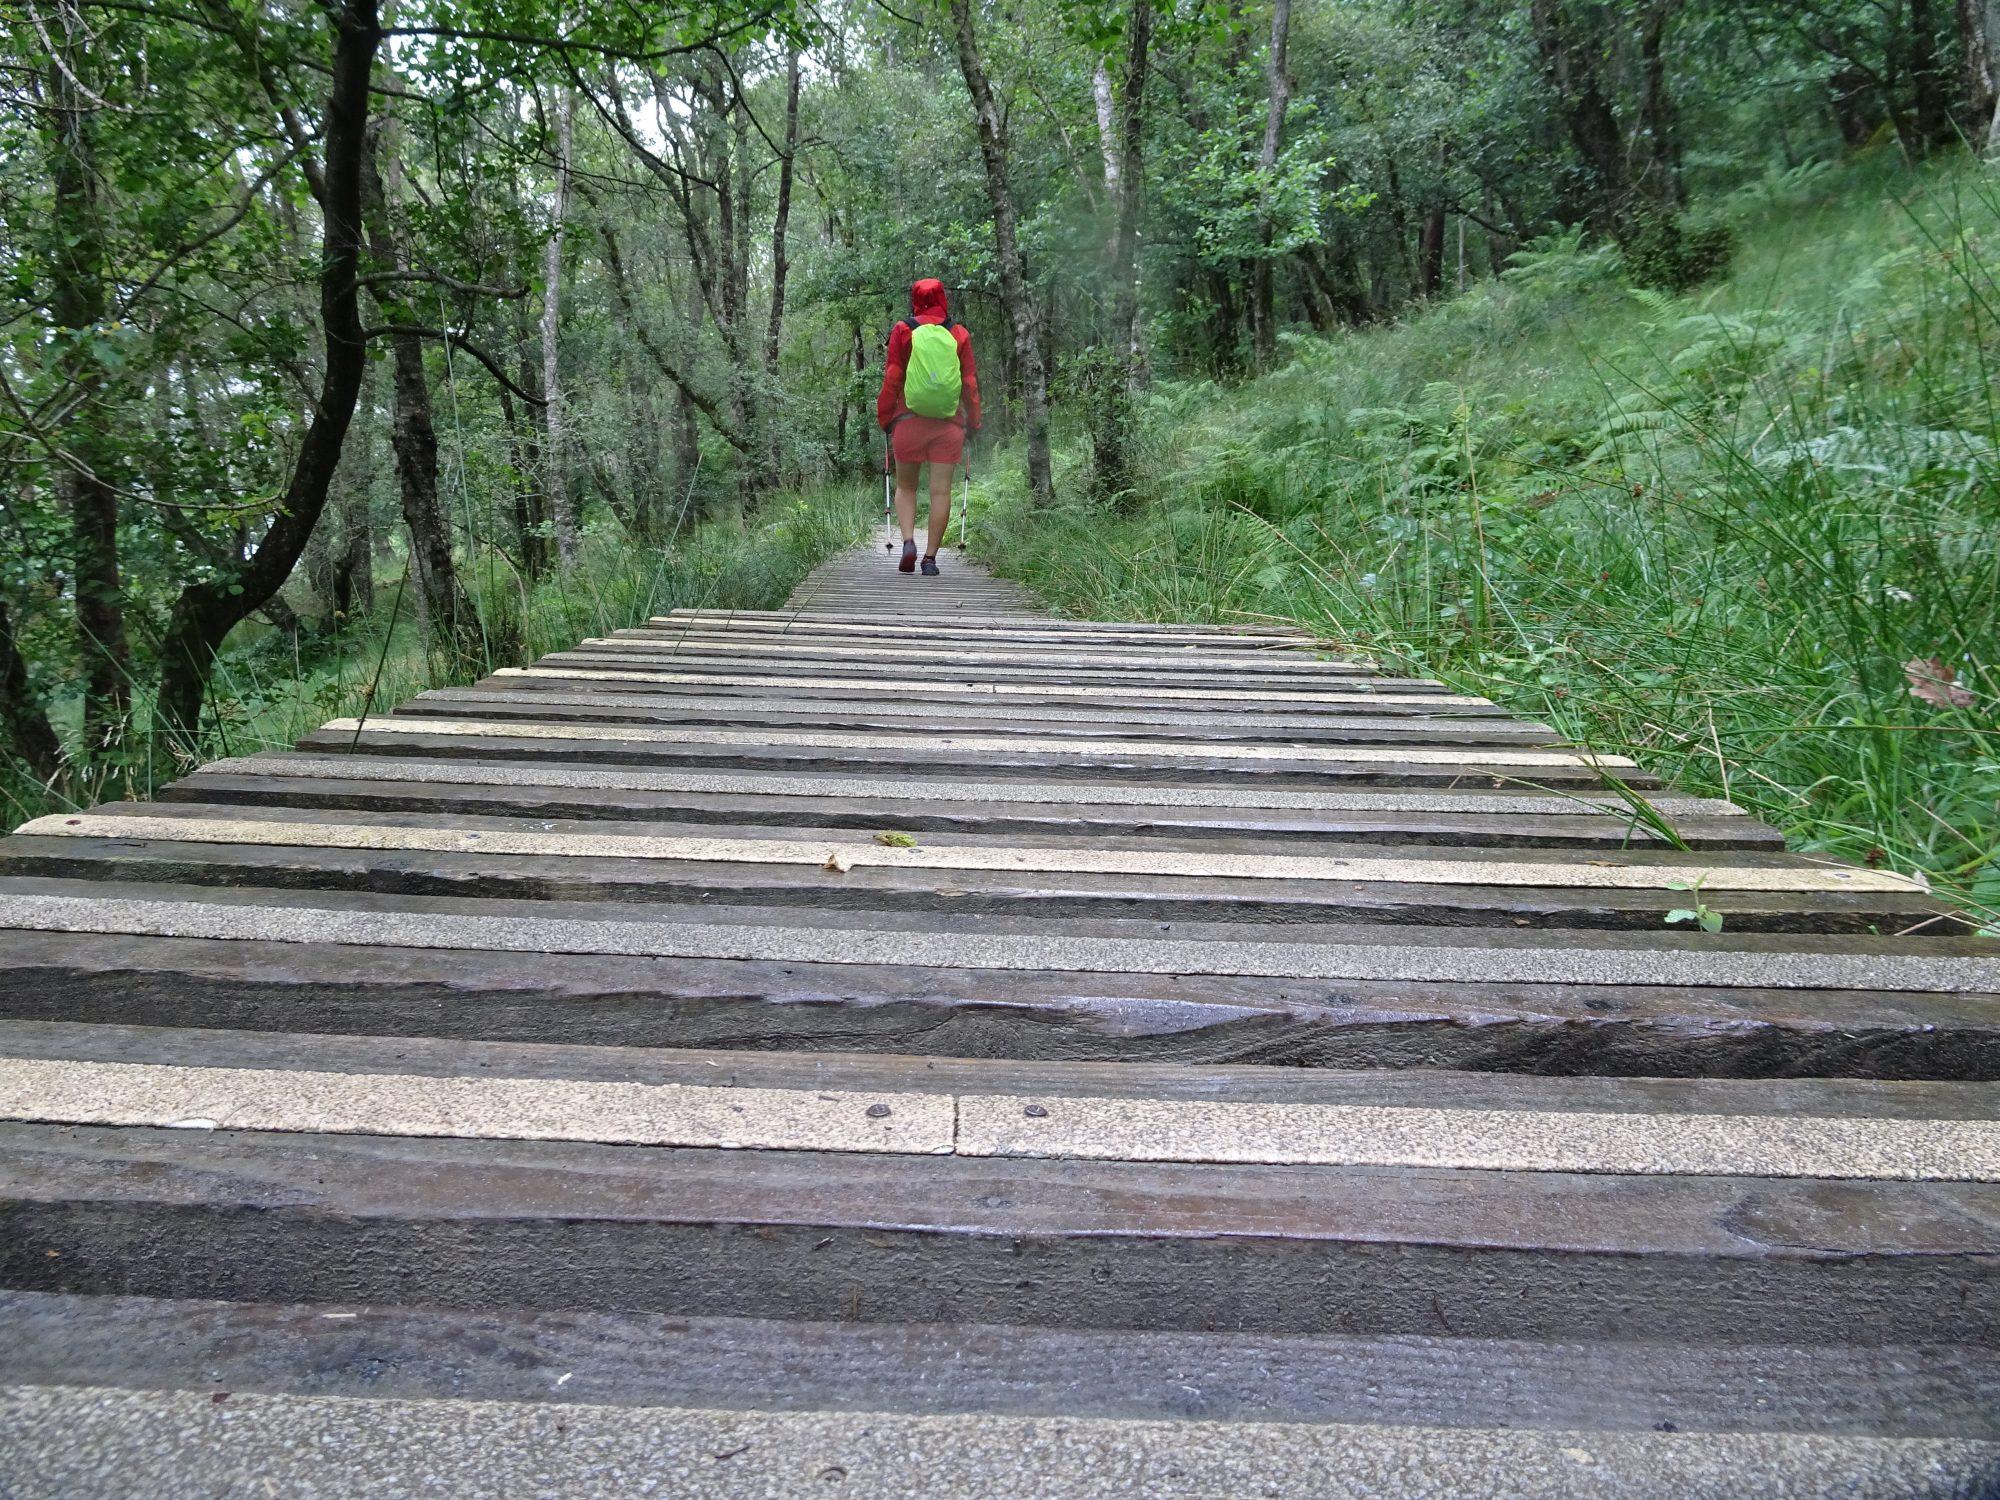 Stellenweises Komfortwandern auf Planken, West Highland Way, Schottland, Wanderung, Weitwandern, Trekking, Highlands